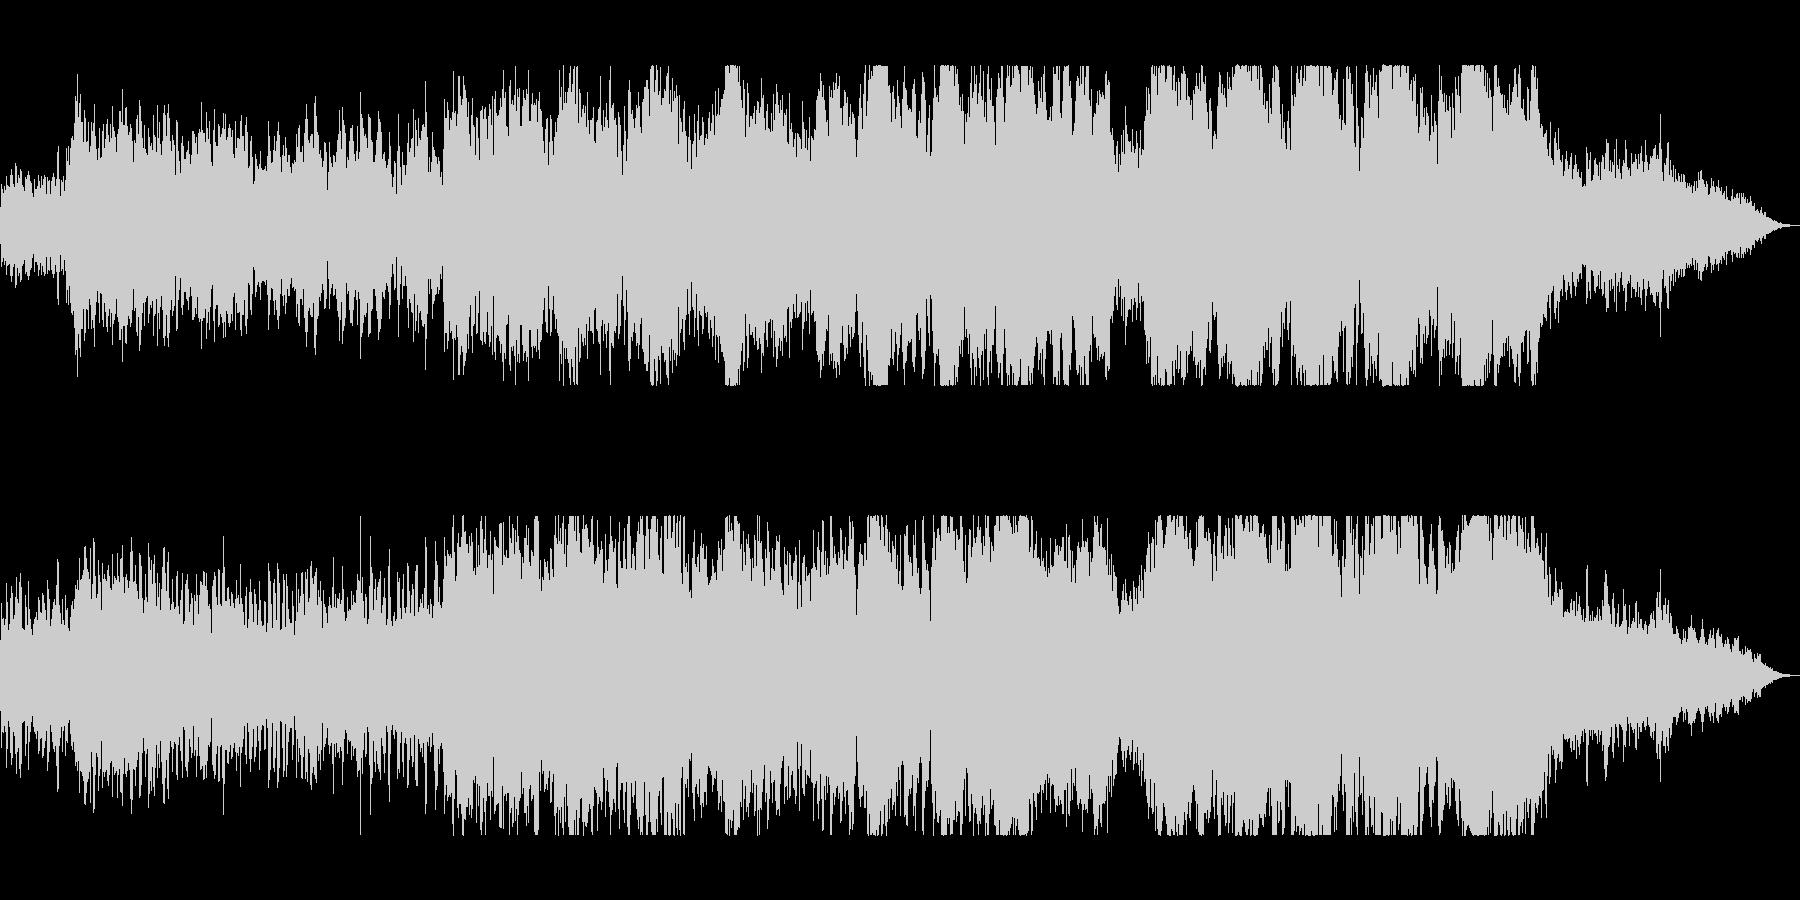 勢いと華やかな管弦楽器シンセサウンドの未再生の波形